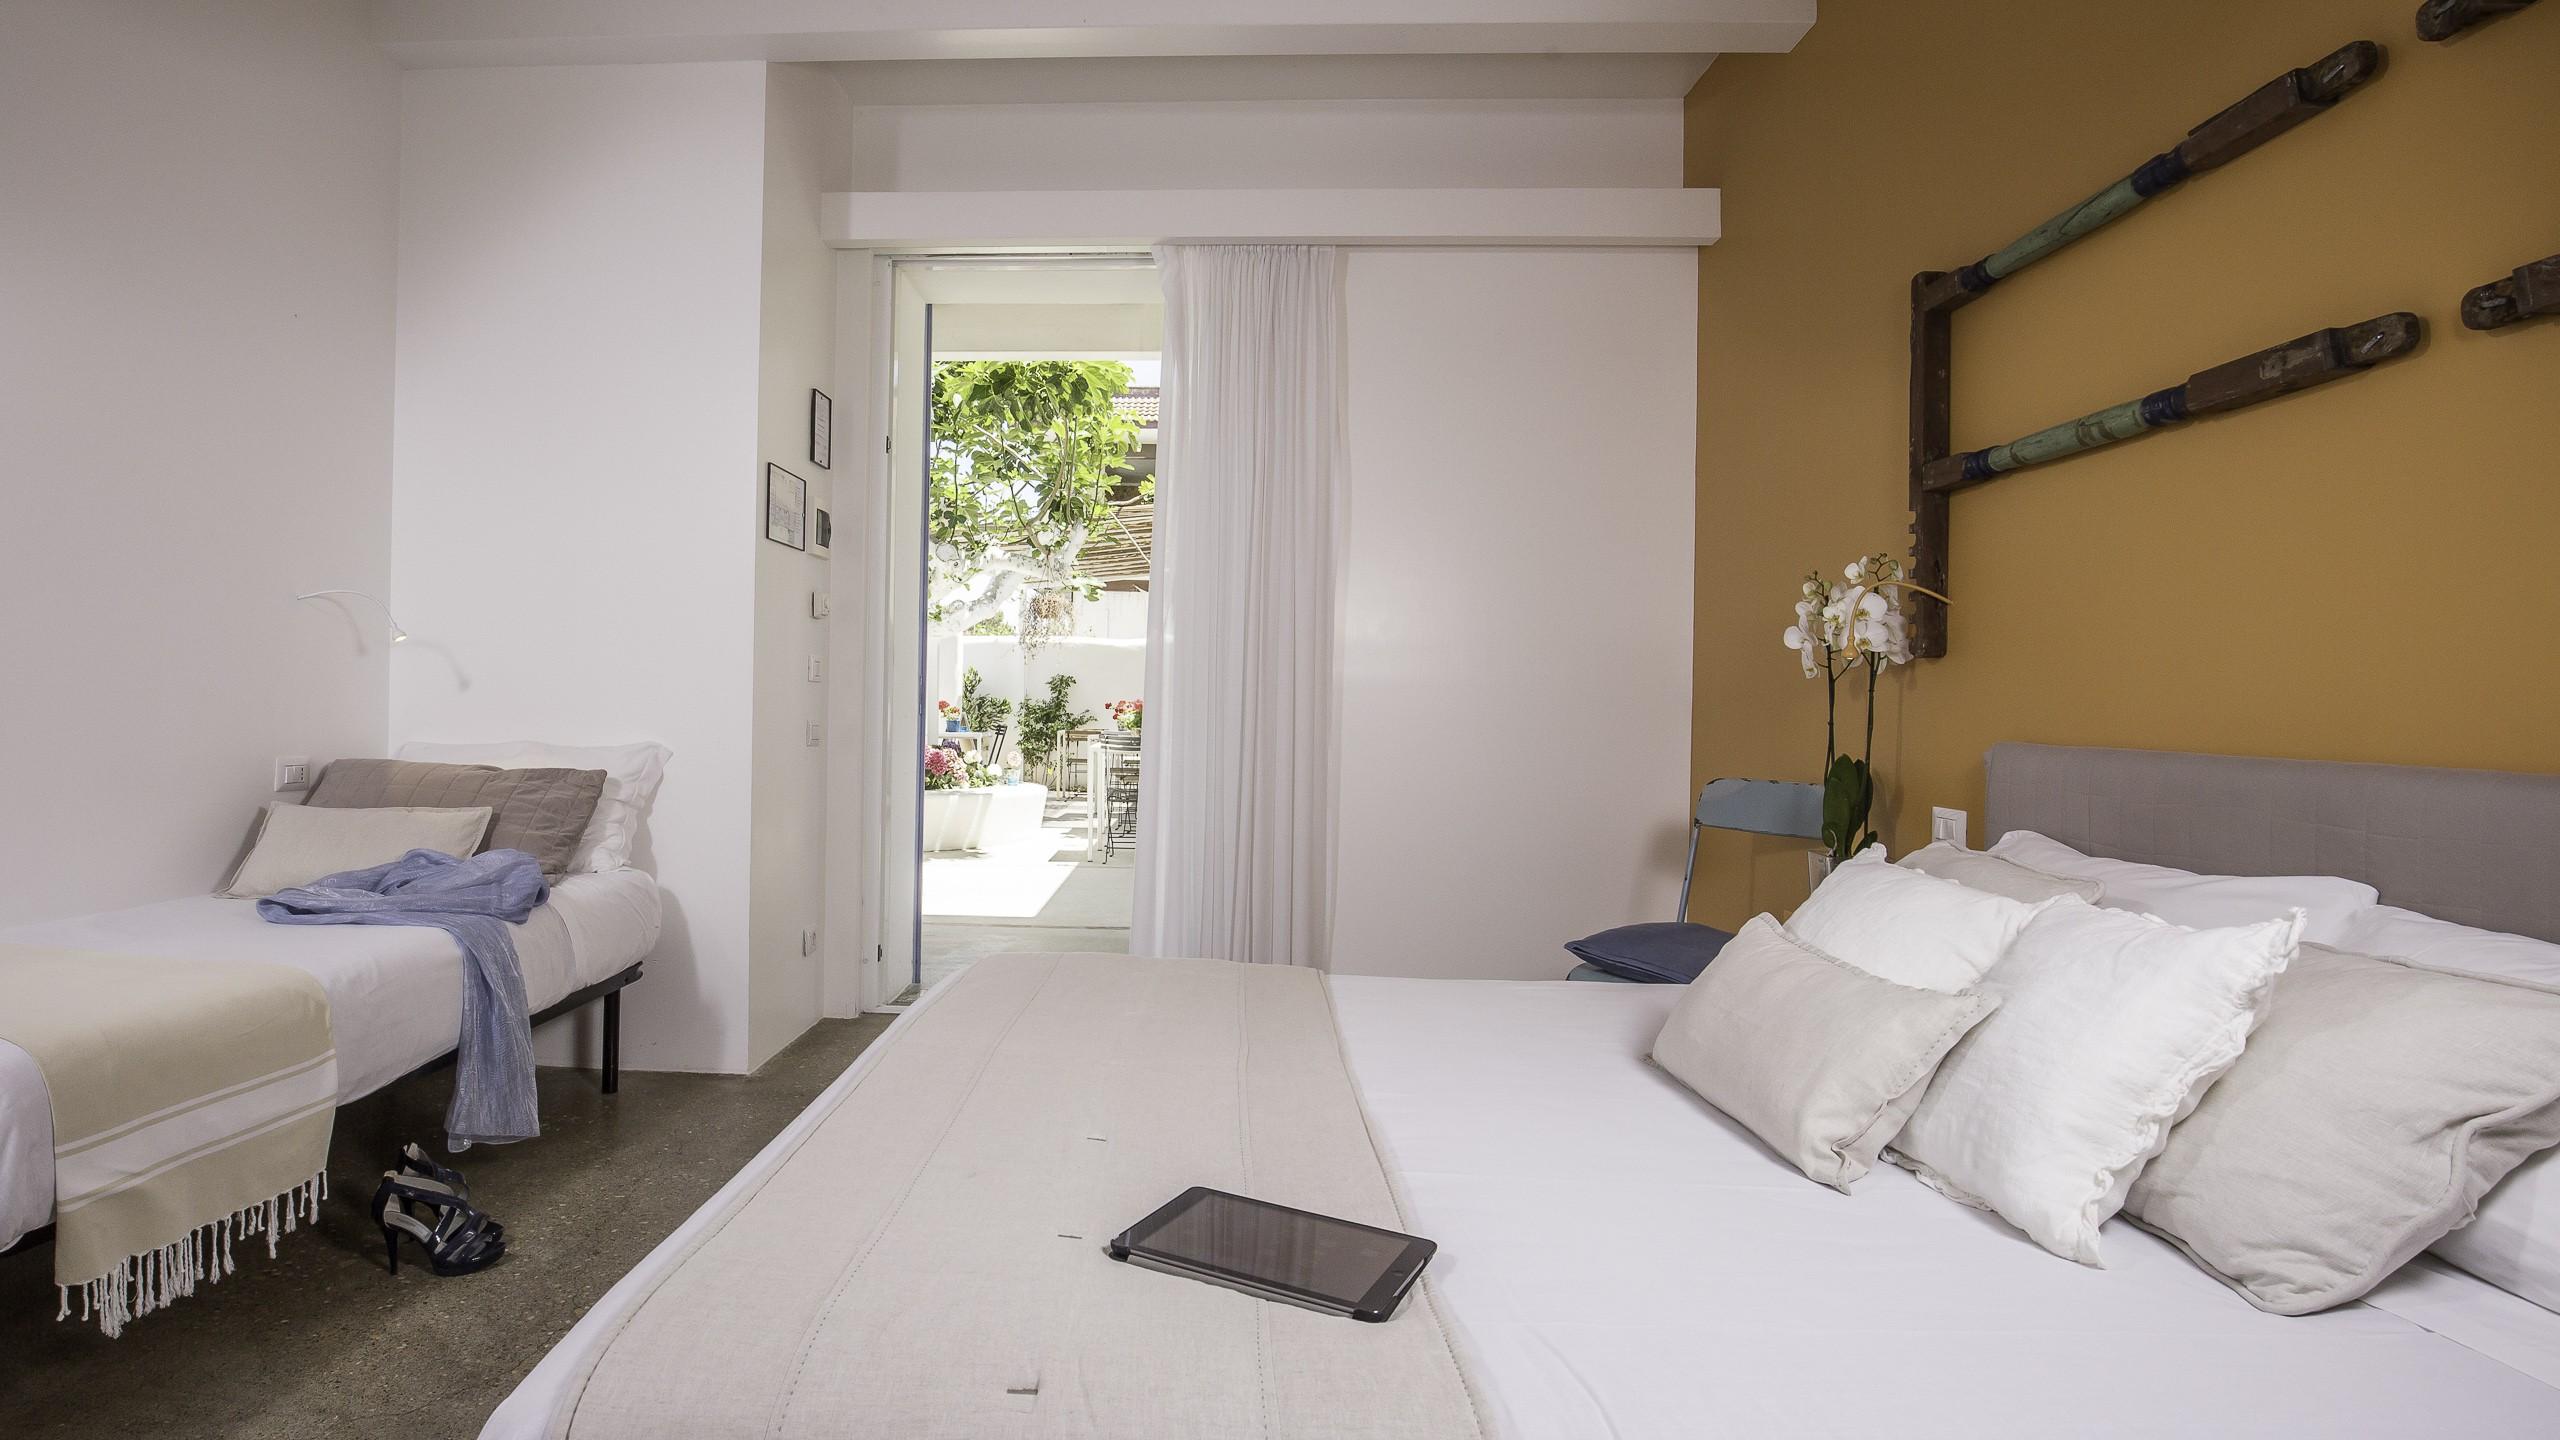 Intorno-al-Fico-Beach-hotel-fiumicino-rooms-052